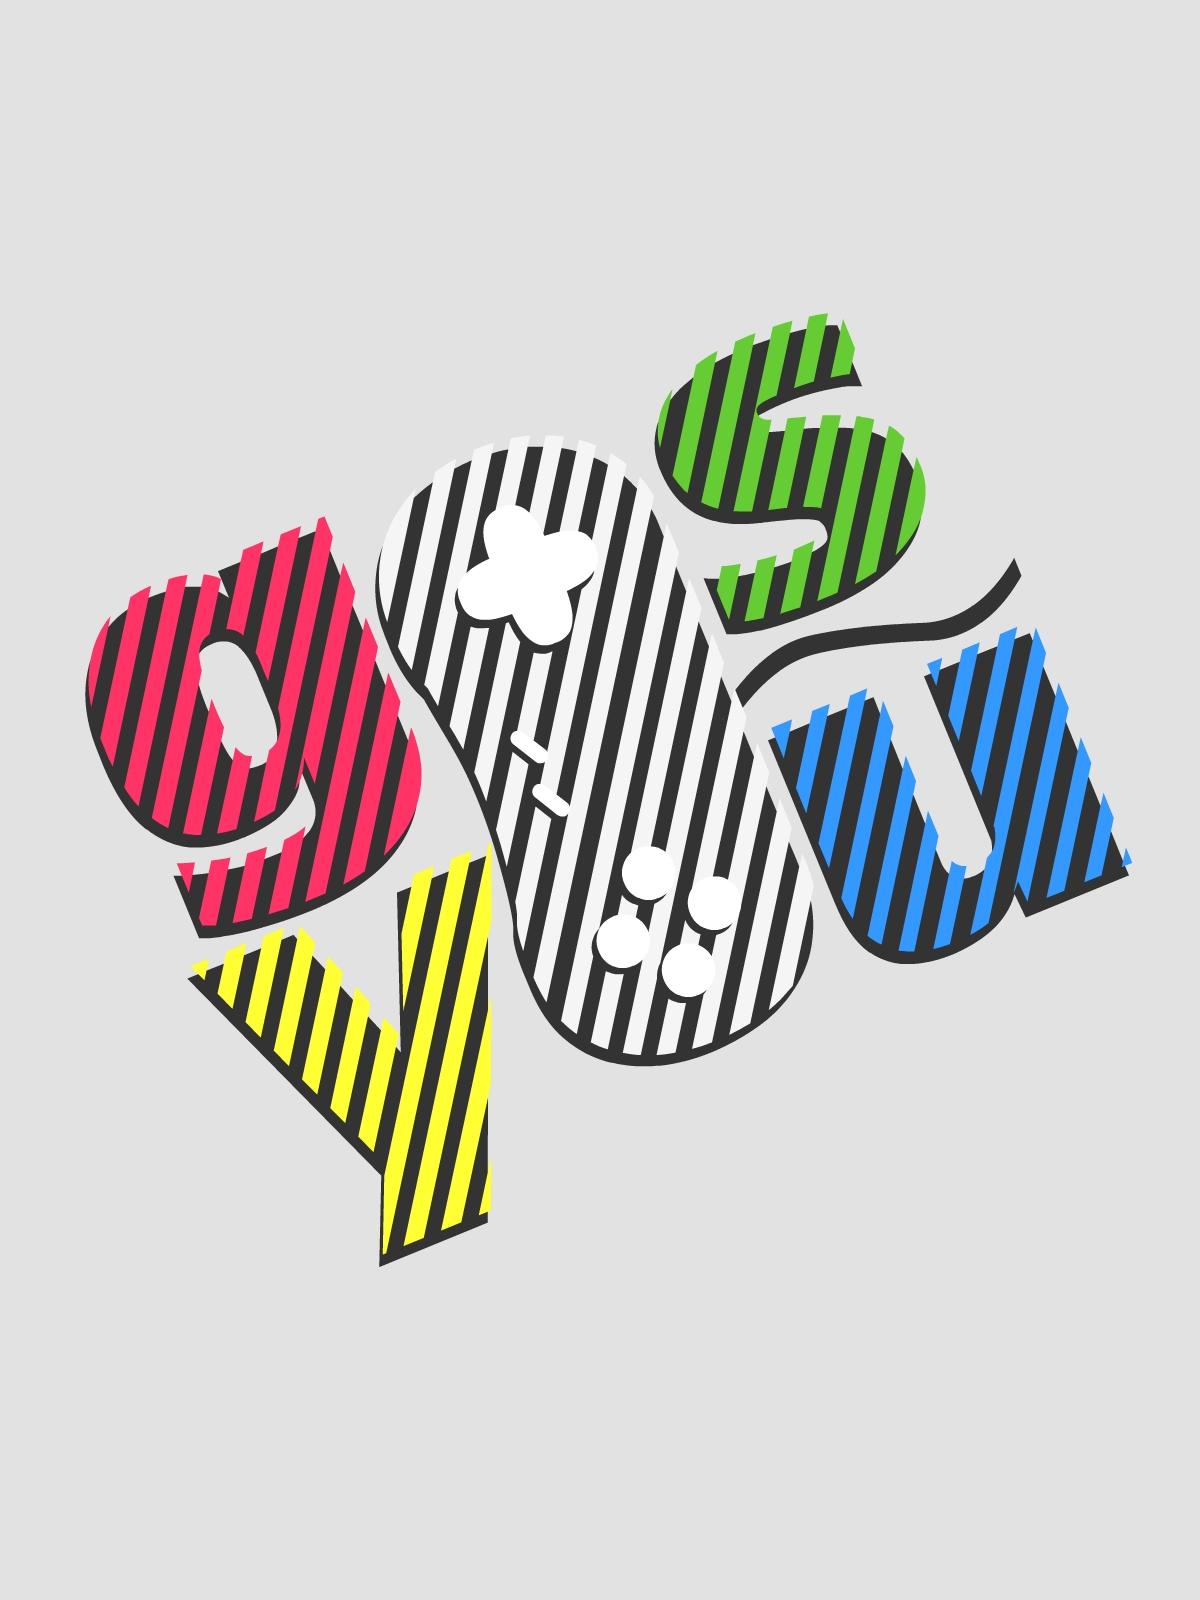 Логотип, фир. стиль и иконку для социальной сети GosYou фото f_507c12b8b05a4.jpg